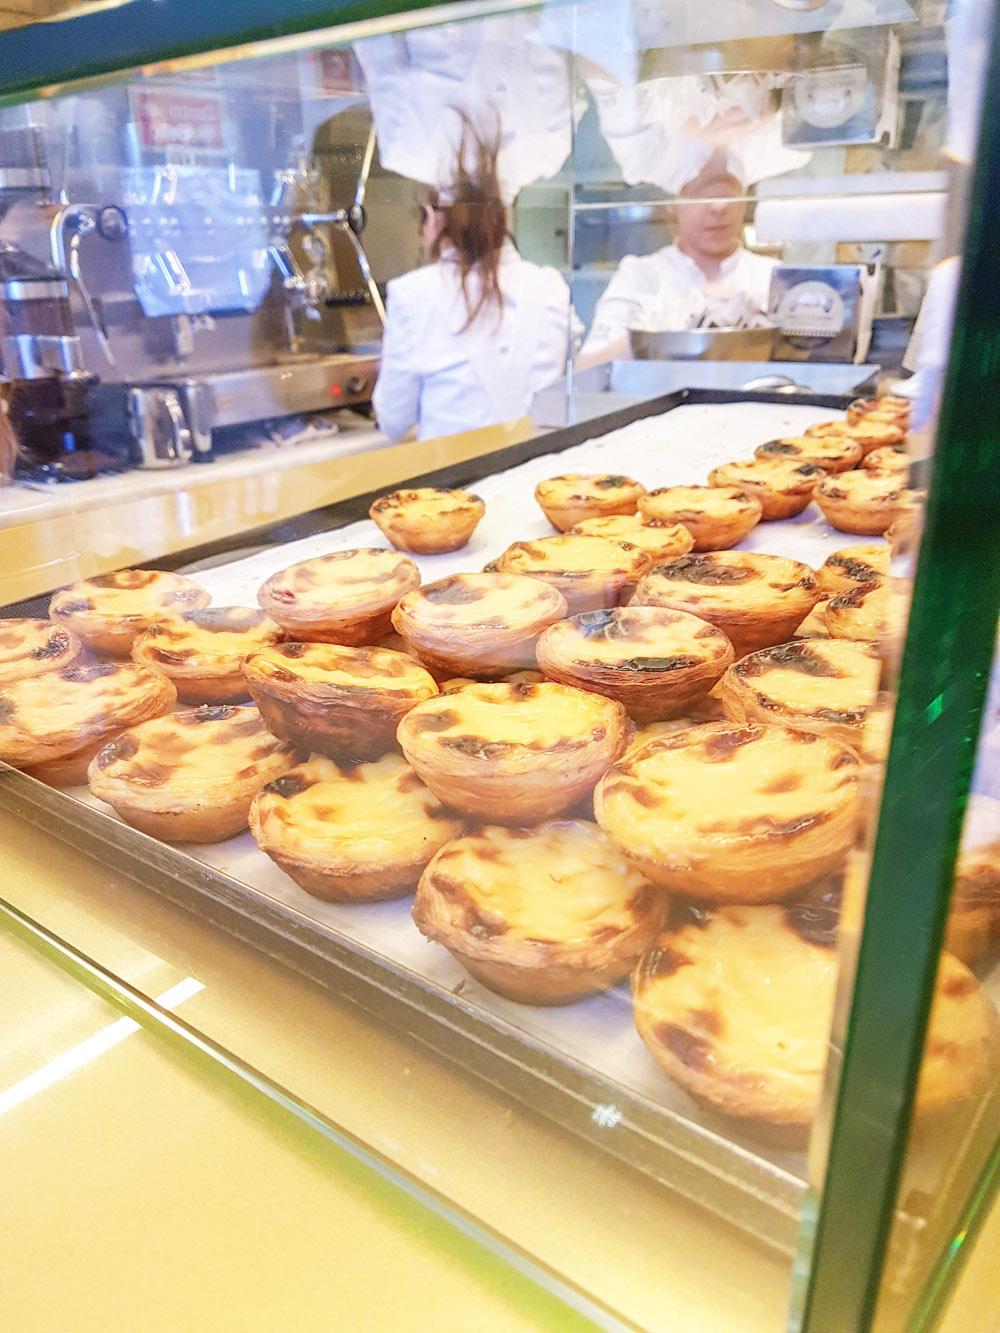 Manteigaria, Pastel de Natas Lisbon